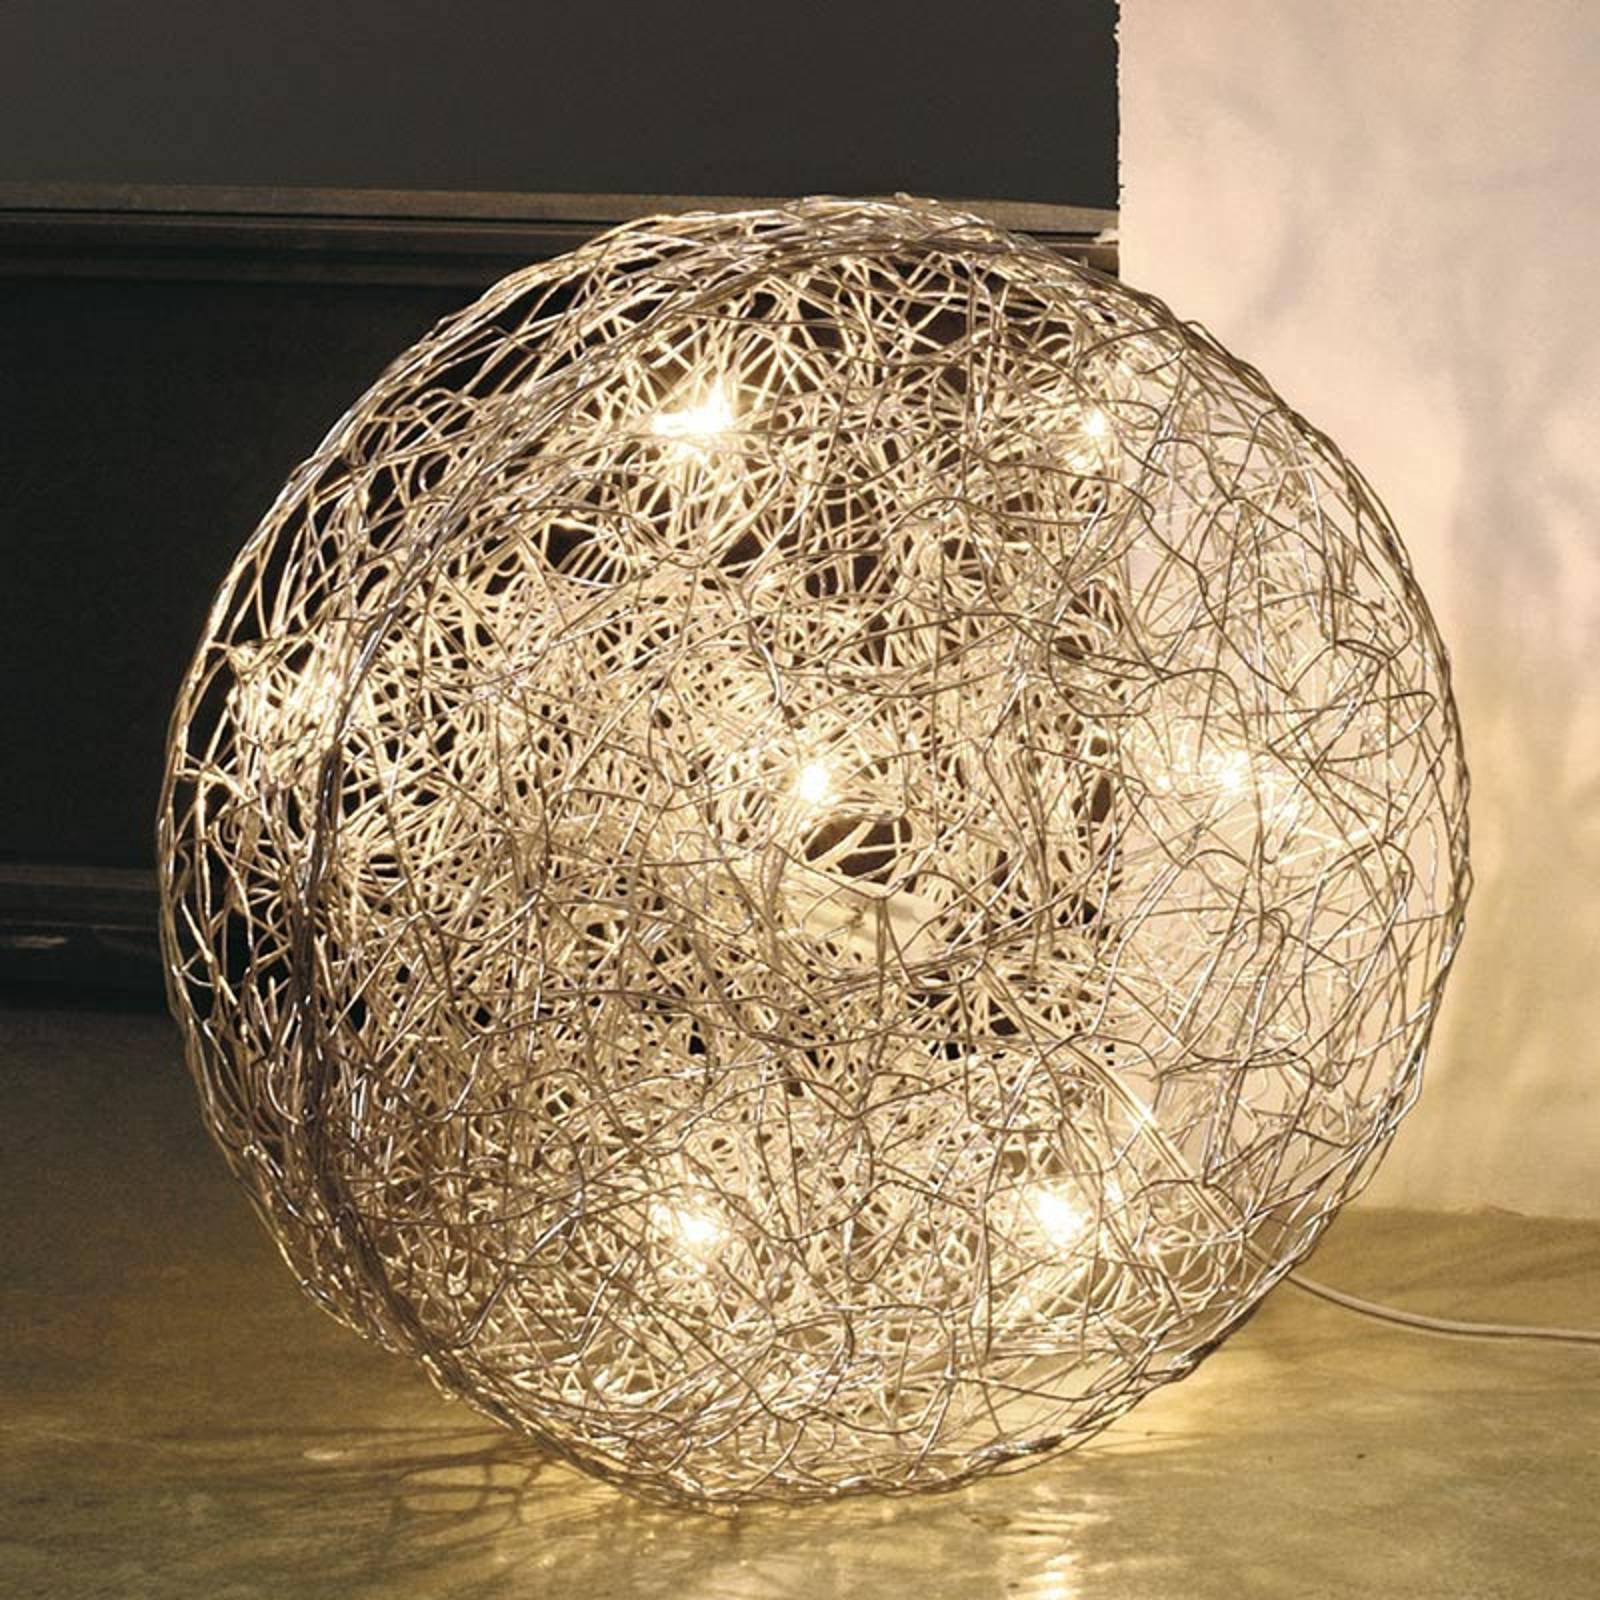 Knikerboker Rotola designer-gulvlampe